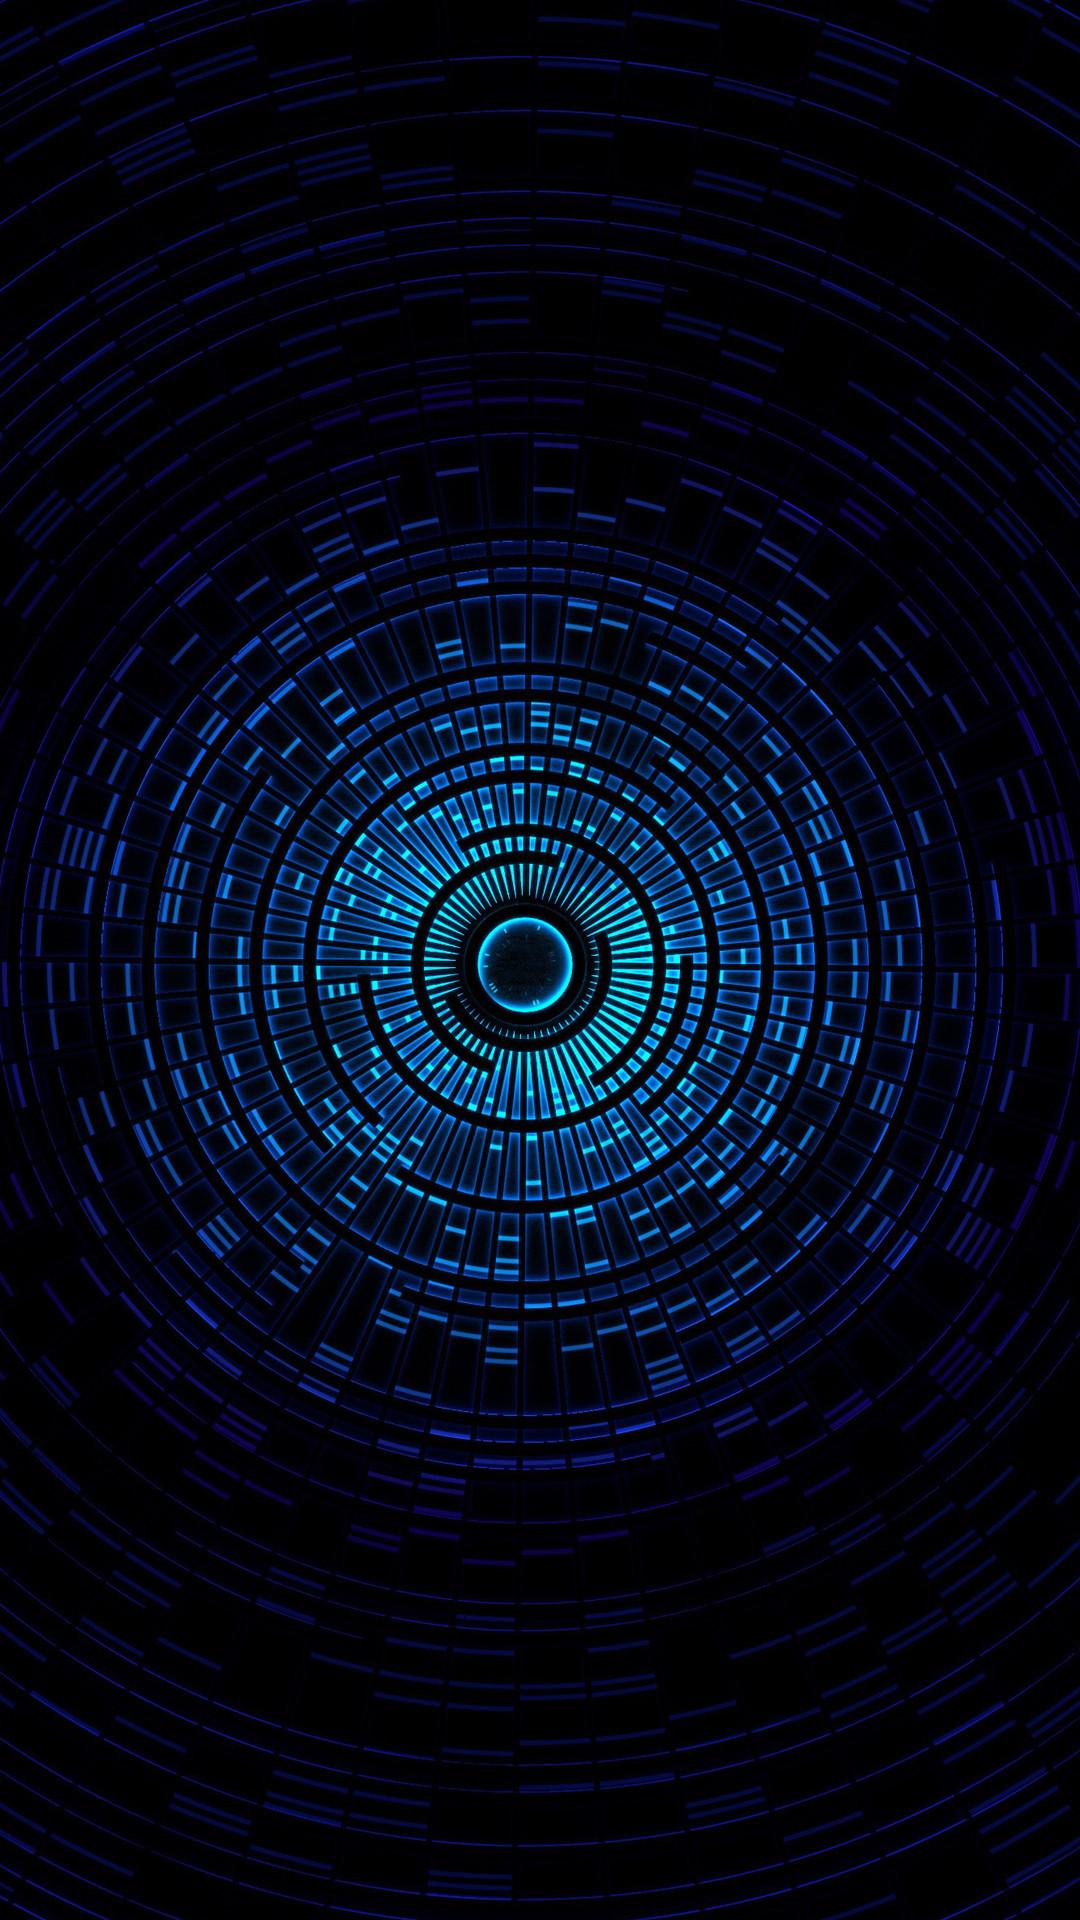 Desktop Backgrounds 1080p: Blue HD Wallpapers 1080p (73+ Images